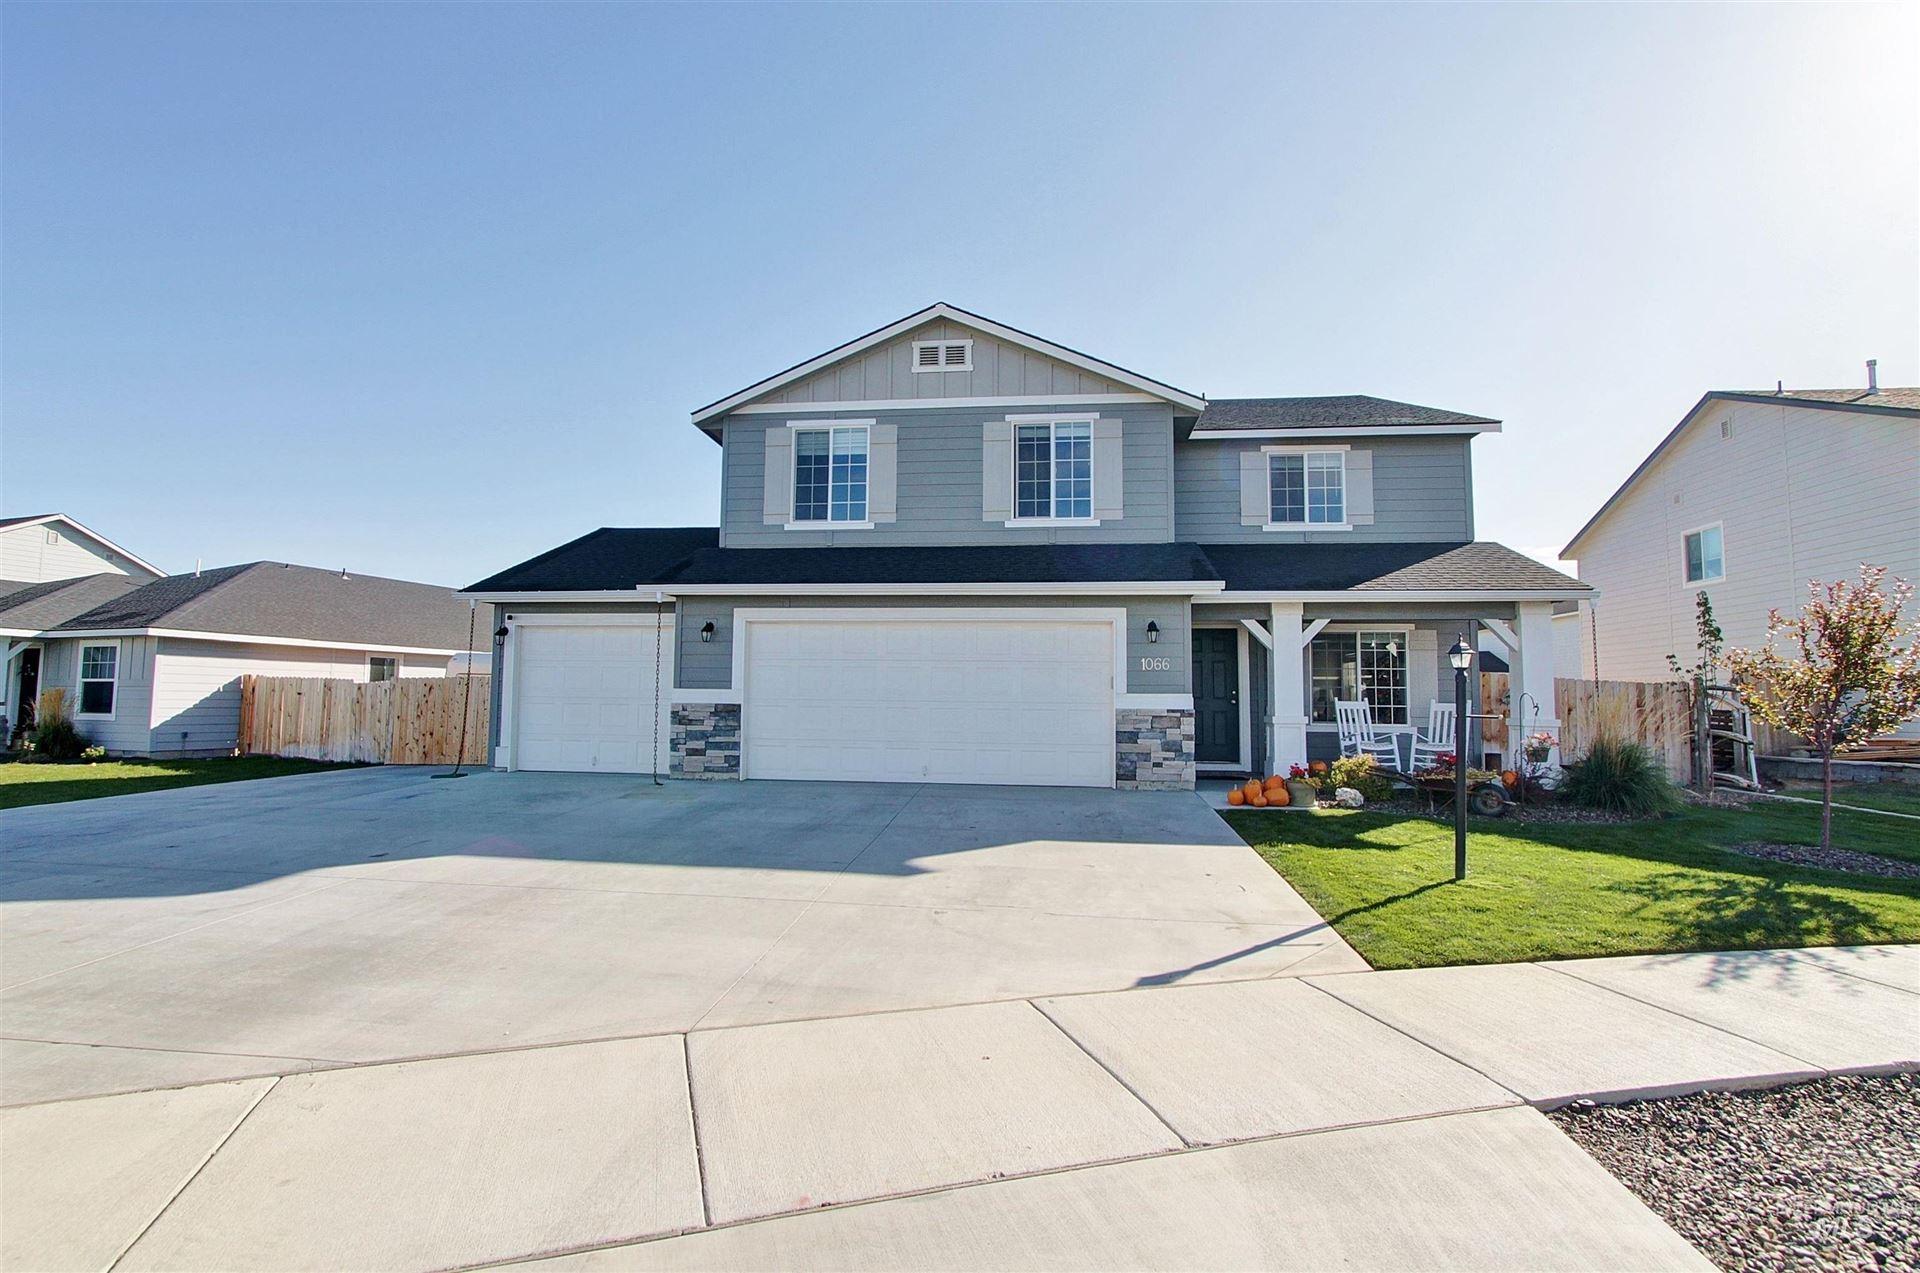 1066 Settlement Ave, Middleton, ID 83644 - MLS#: 98821515